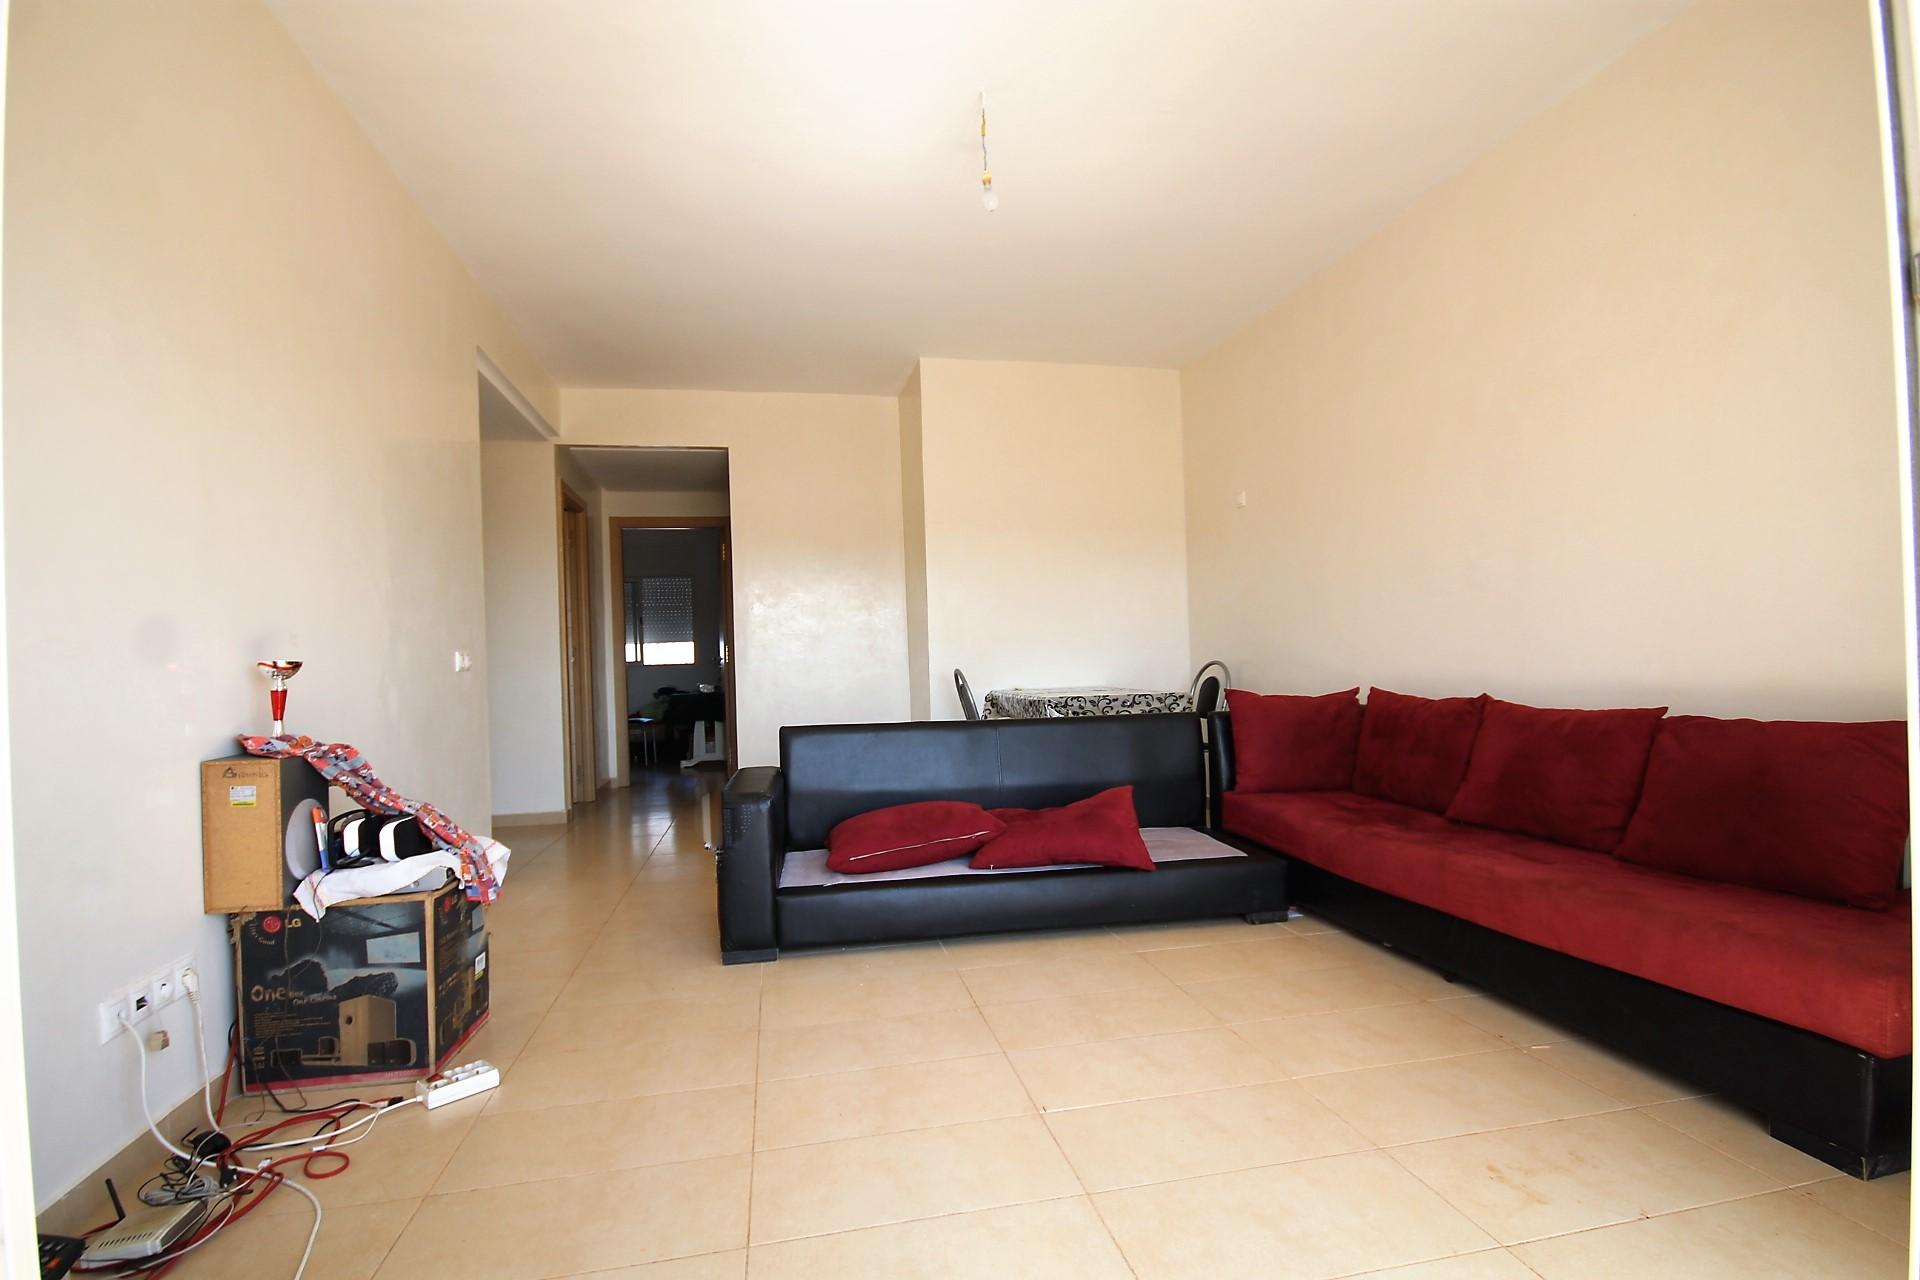 Bouskoura, proche de la zone industrielle de Ouled Salah à louer appartement neuf de 85 m² avec terrasse sans aucun vis-à-vis